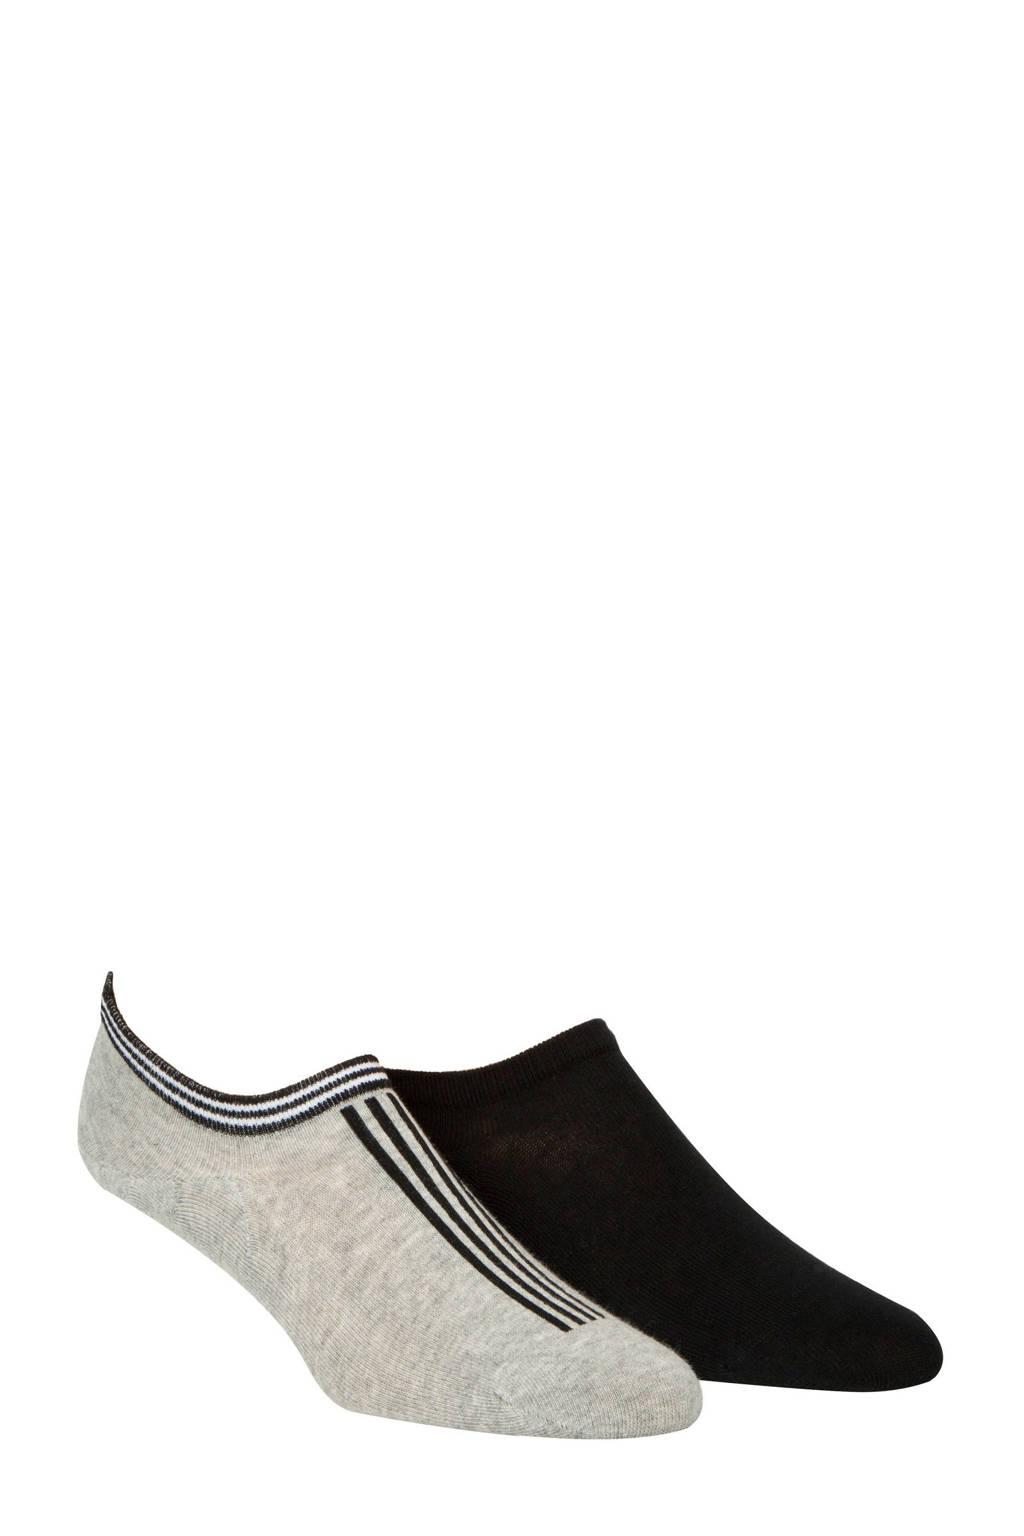 Calvin Klein sneakersokken set van 2, Grijs/zwart